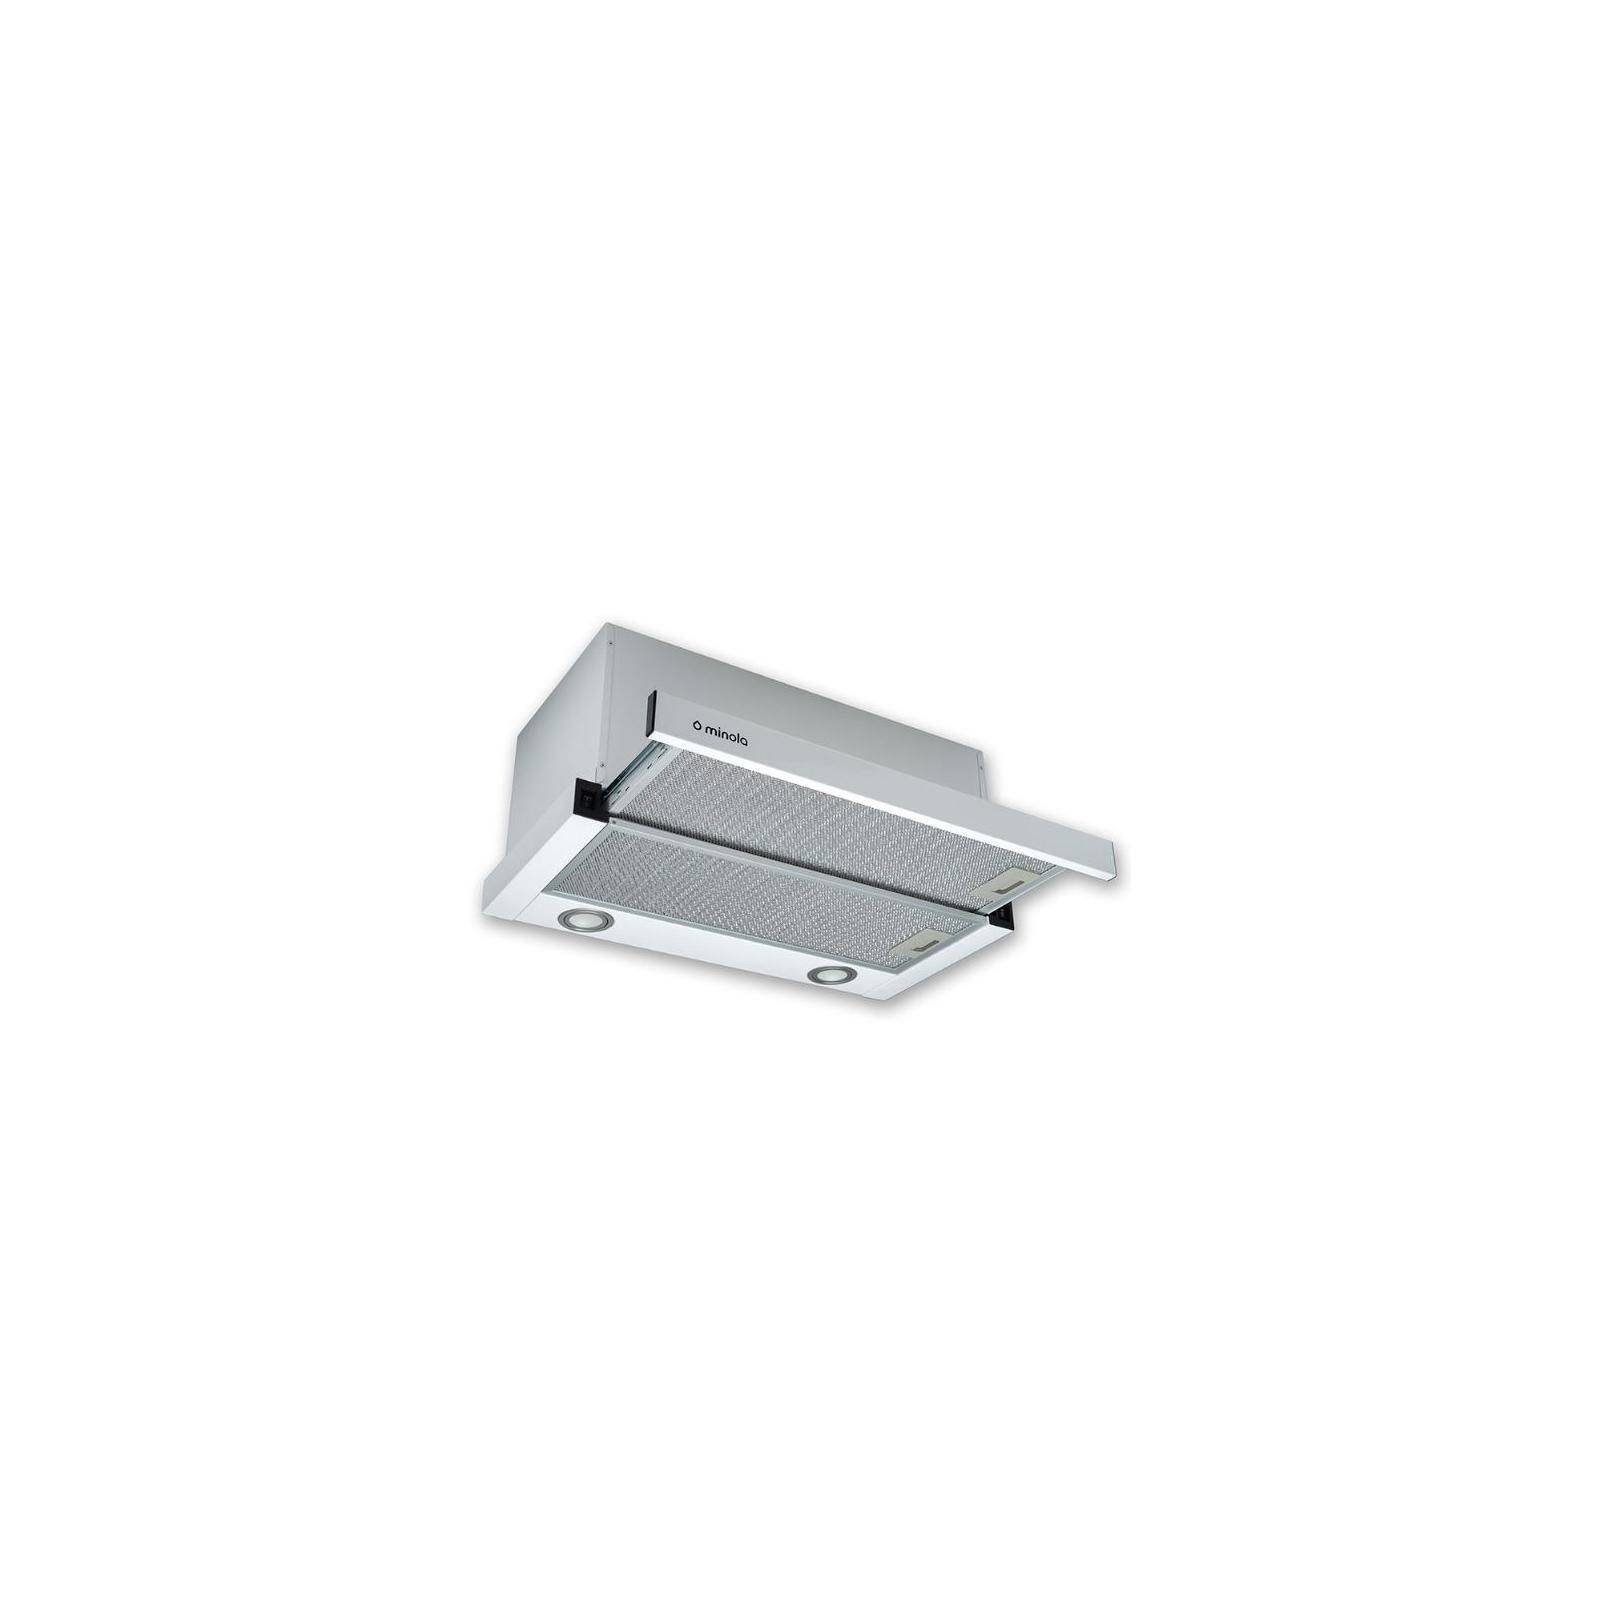 Вытяжка кухонная MINOLA HTL 6812 WH 1200 LED изображение 2